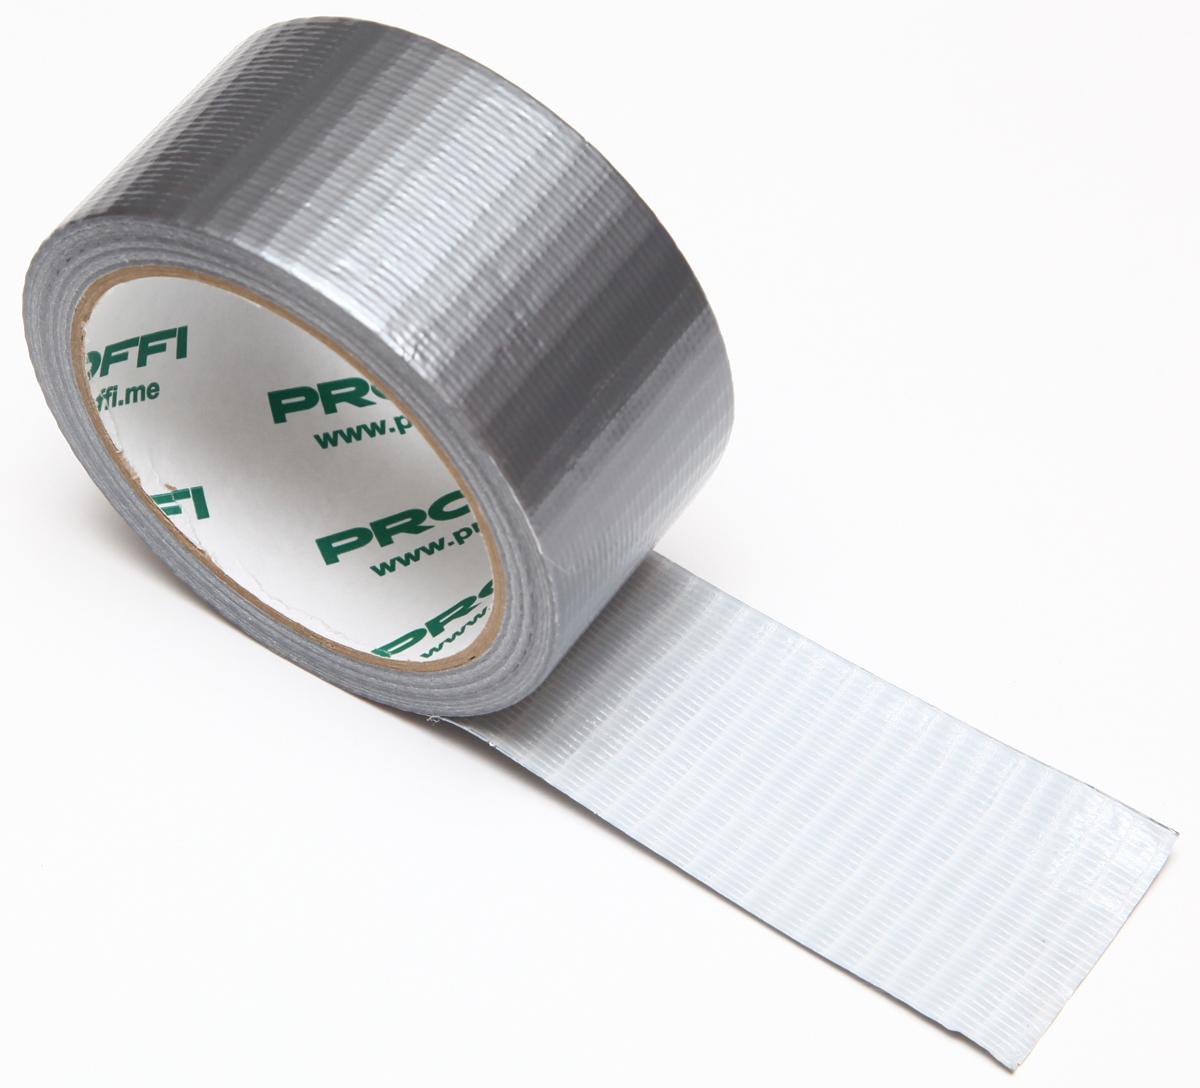 Сантехническая лента Proffi, 48мм х 25м21395599Лента ЛПА серая 48 мм х 25мАдгезия к стали - не менее 6 Н/см; липкость - не менее 7 Н/см; температура применения - +5 …+45 (+/-5) °C; температура эксплуатации - -25 …+75 (+/-5) °C; прочность на разрыв - 40 Н/см